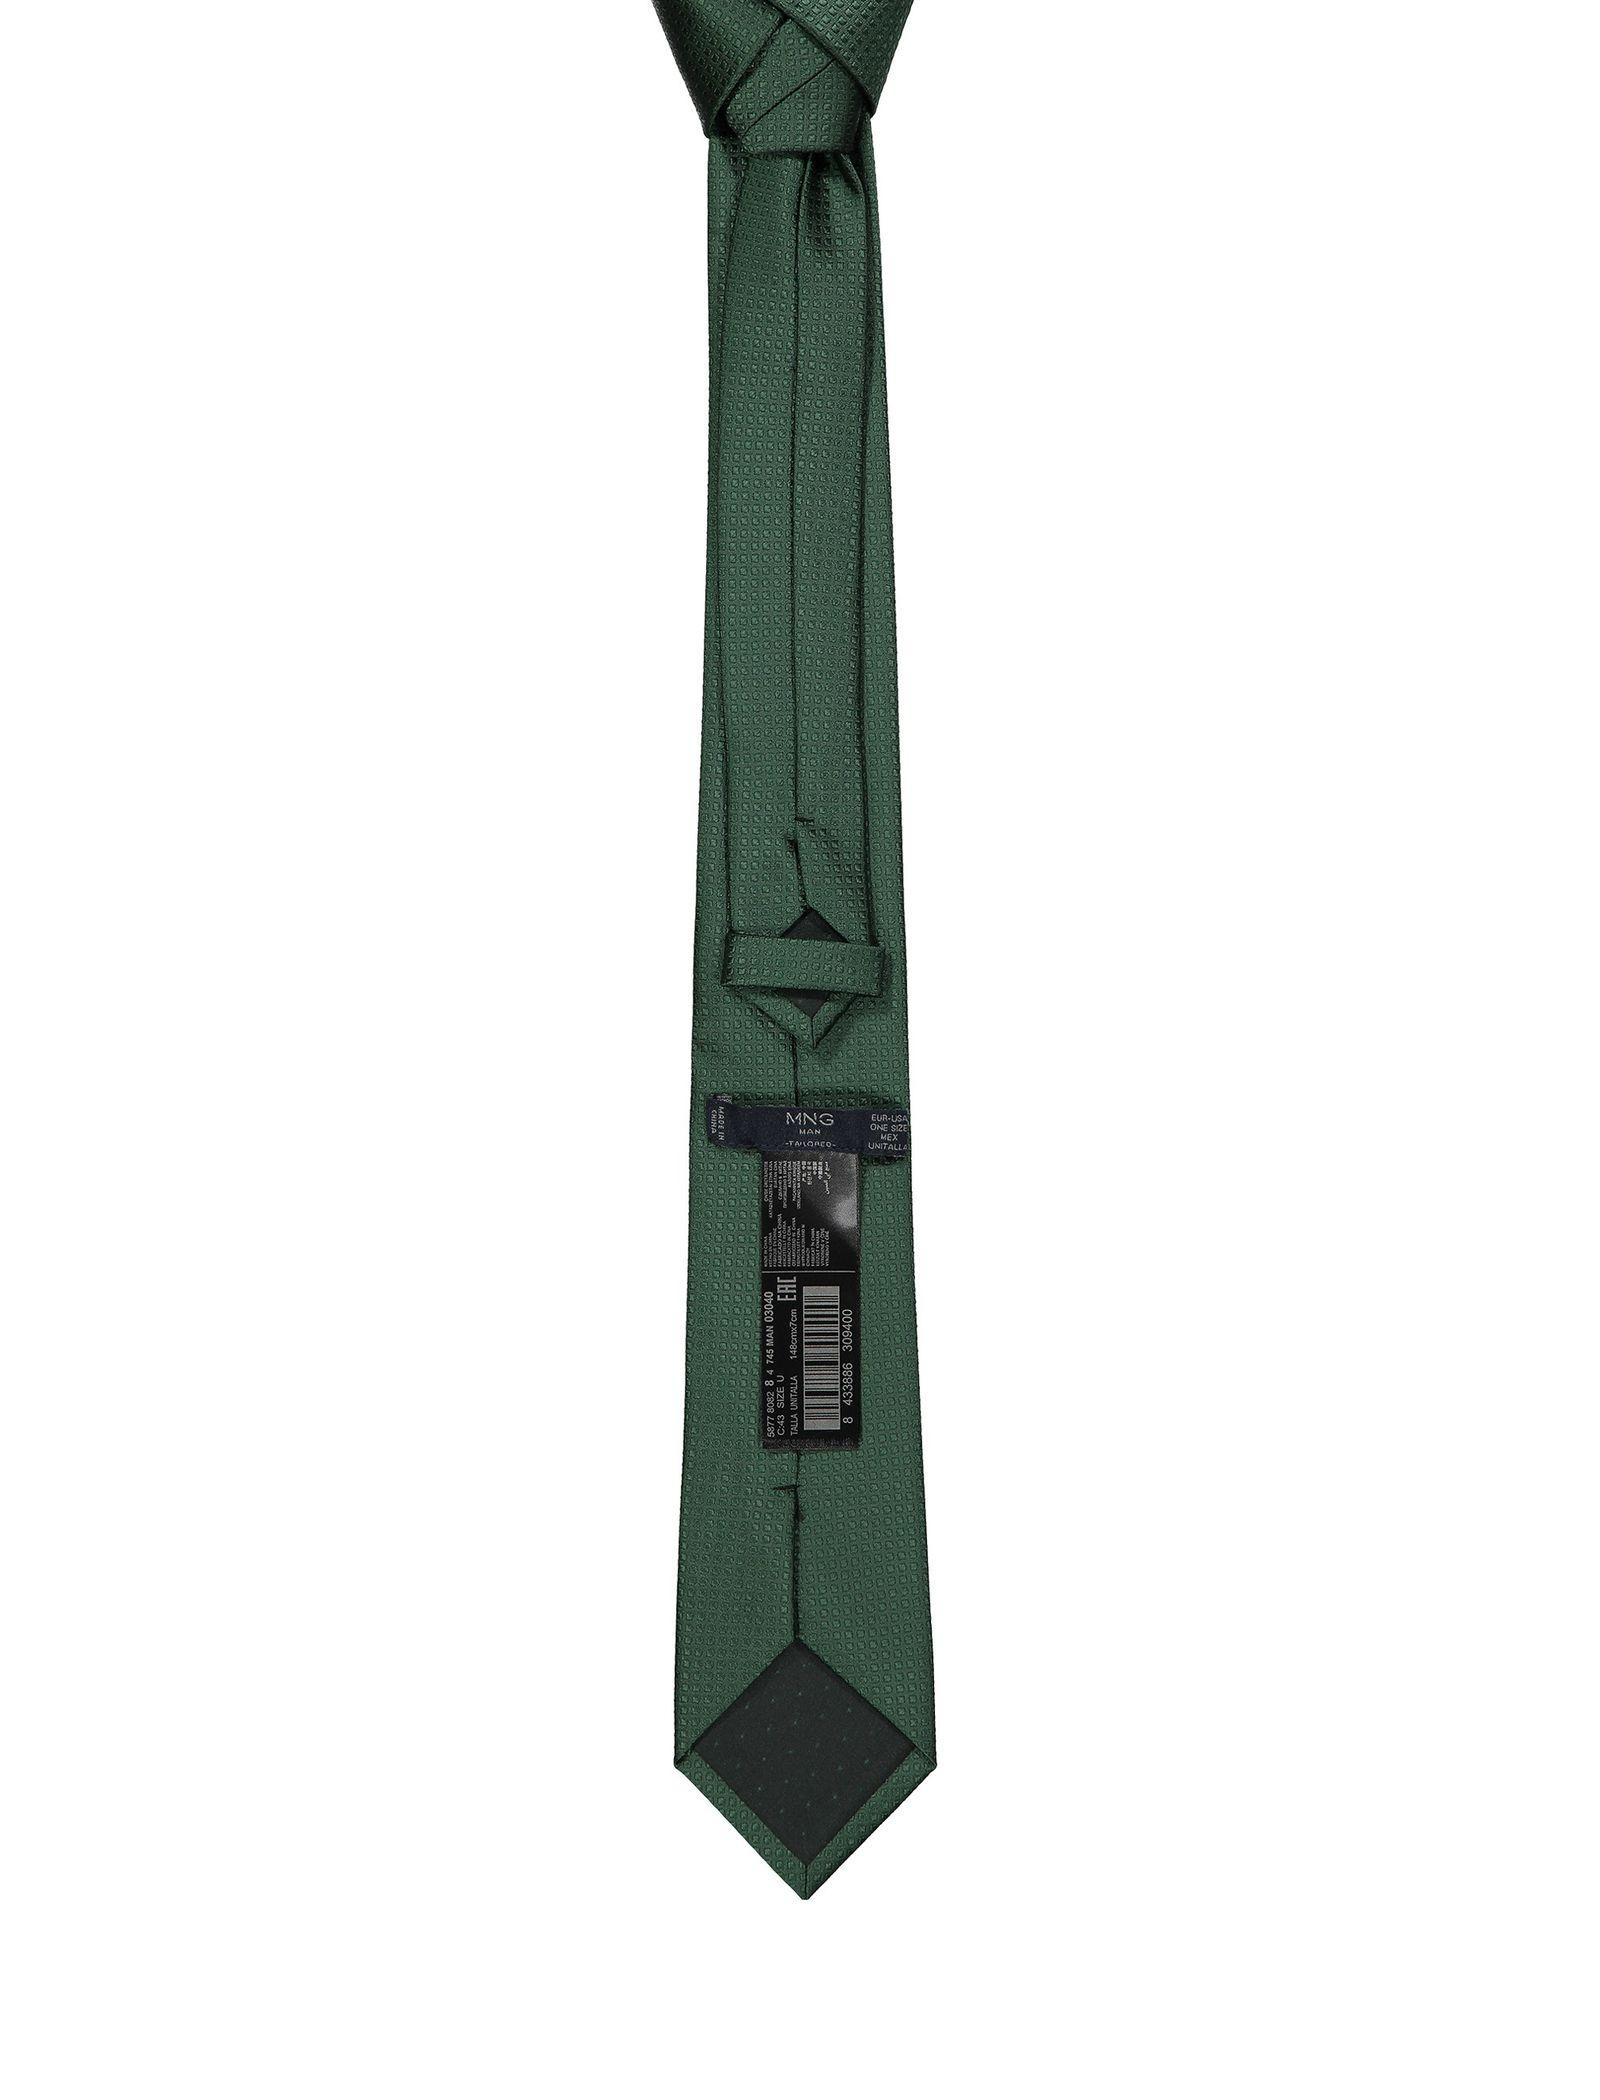 کراوات ساده  مردانه - مانگو - سبز - 2